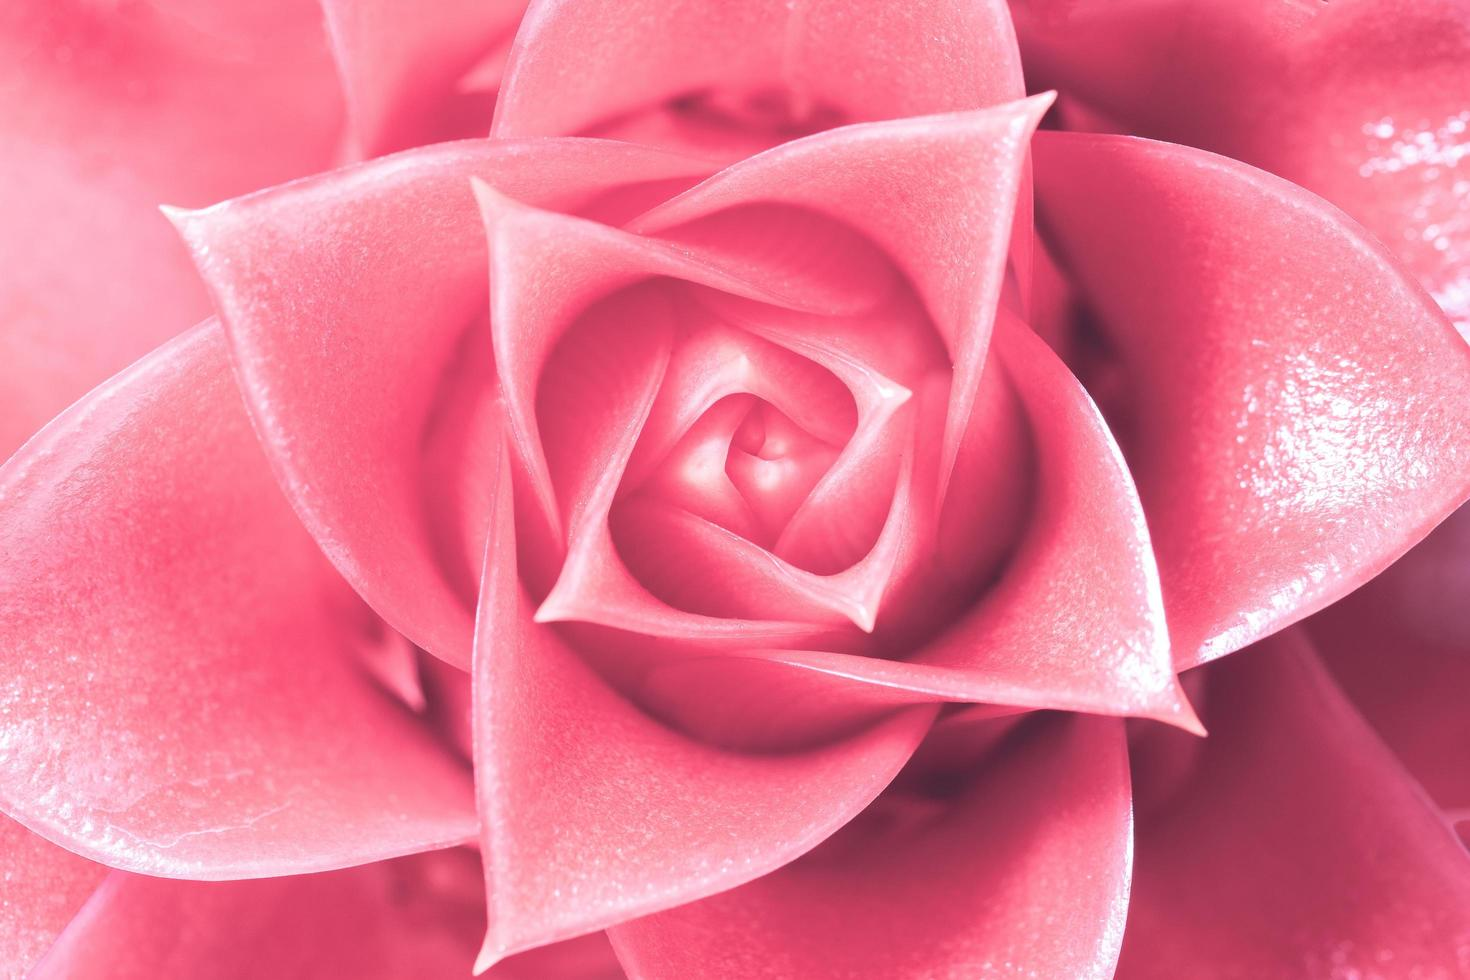 hellrosa Blumenhintergrund foto